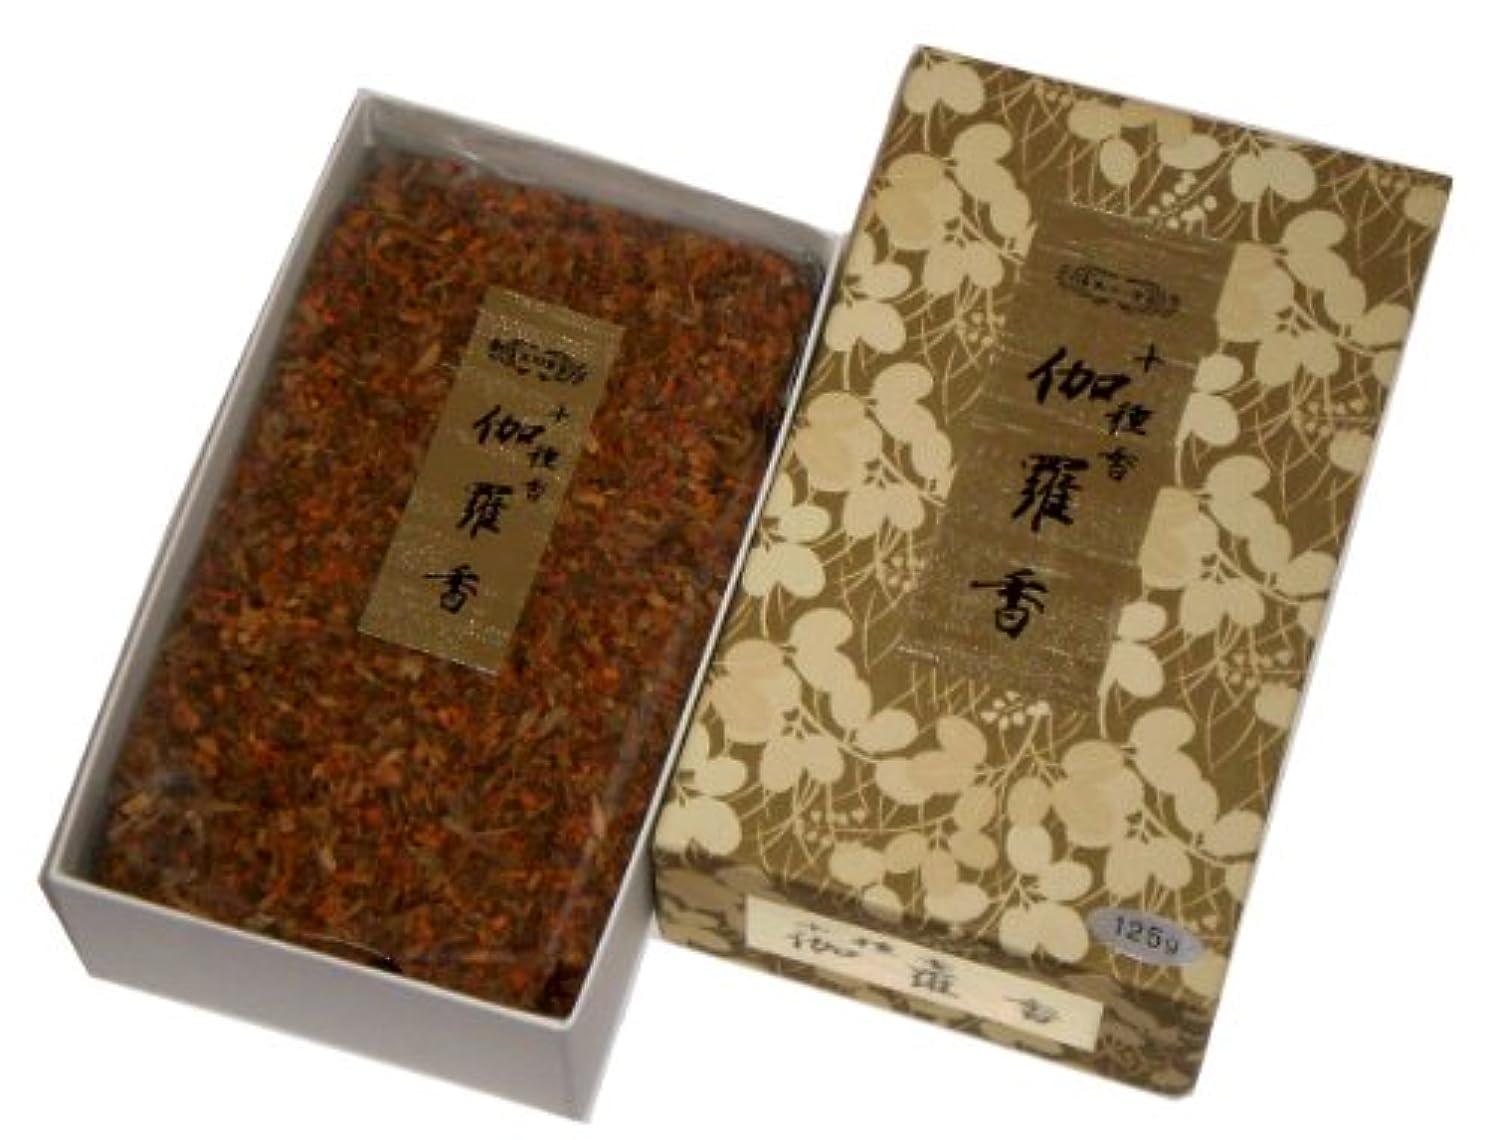 配分水銀のラダ玉初堂のお香 伽羅香 125g #533